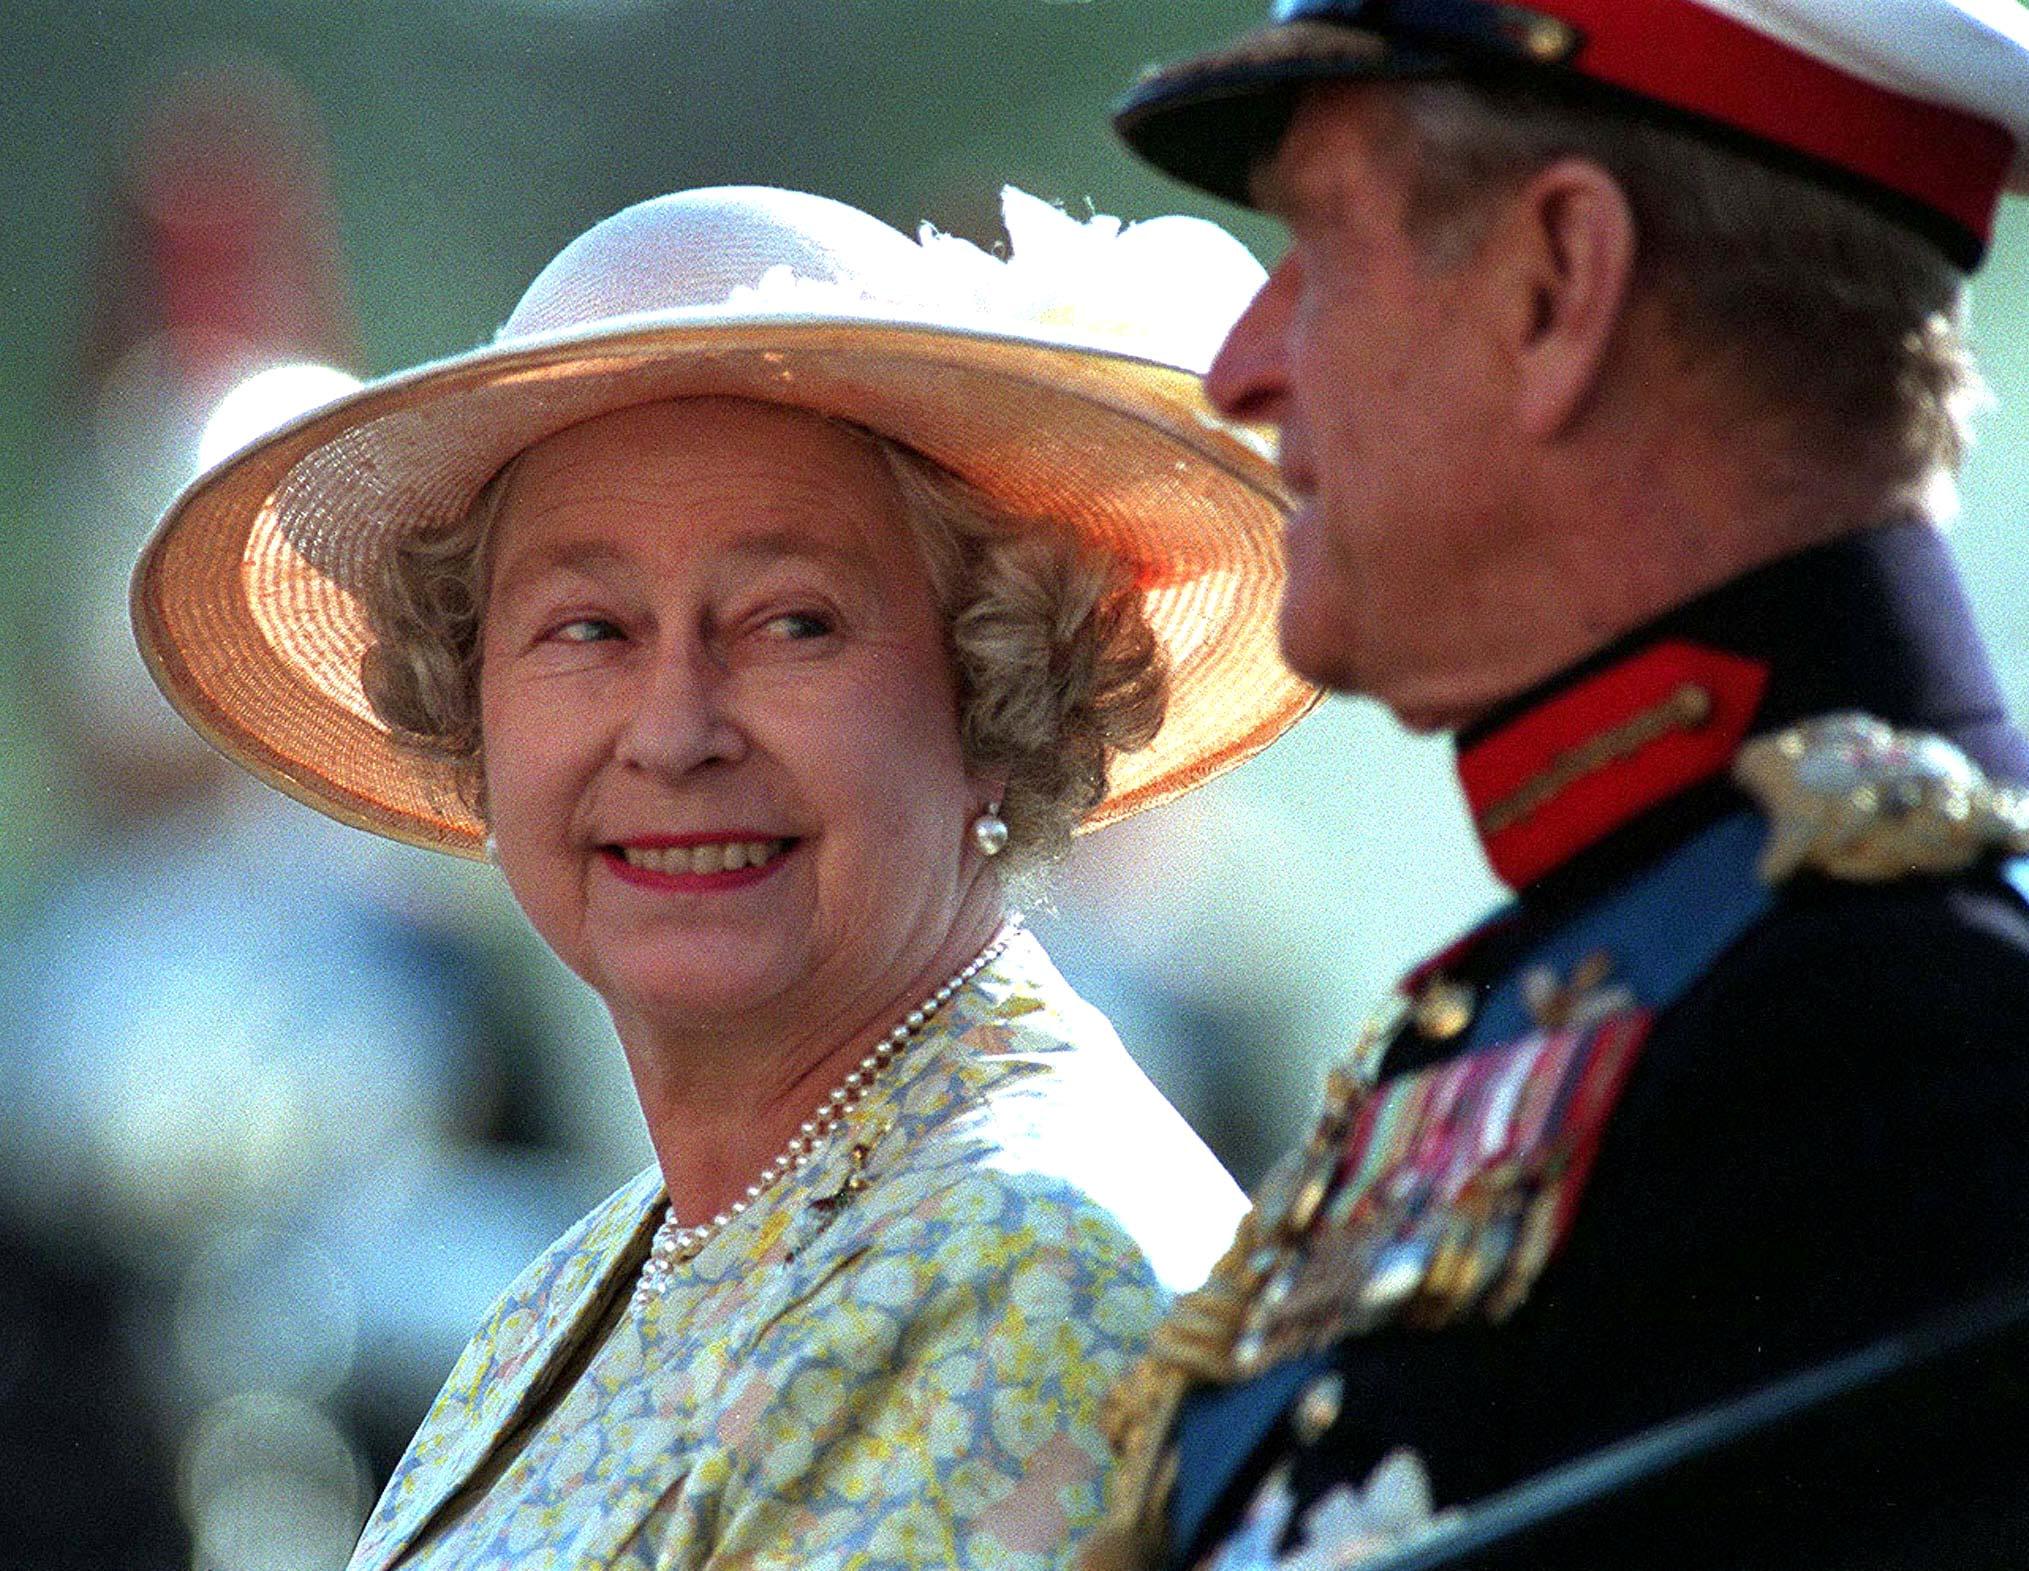 تنحى الأمير فيليب زوج الملكة إليزابيث نهائيا عن ممارسة ...